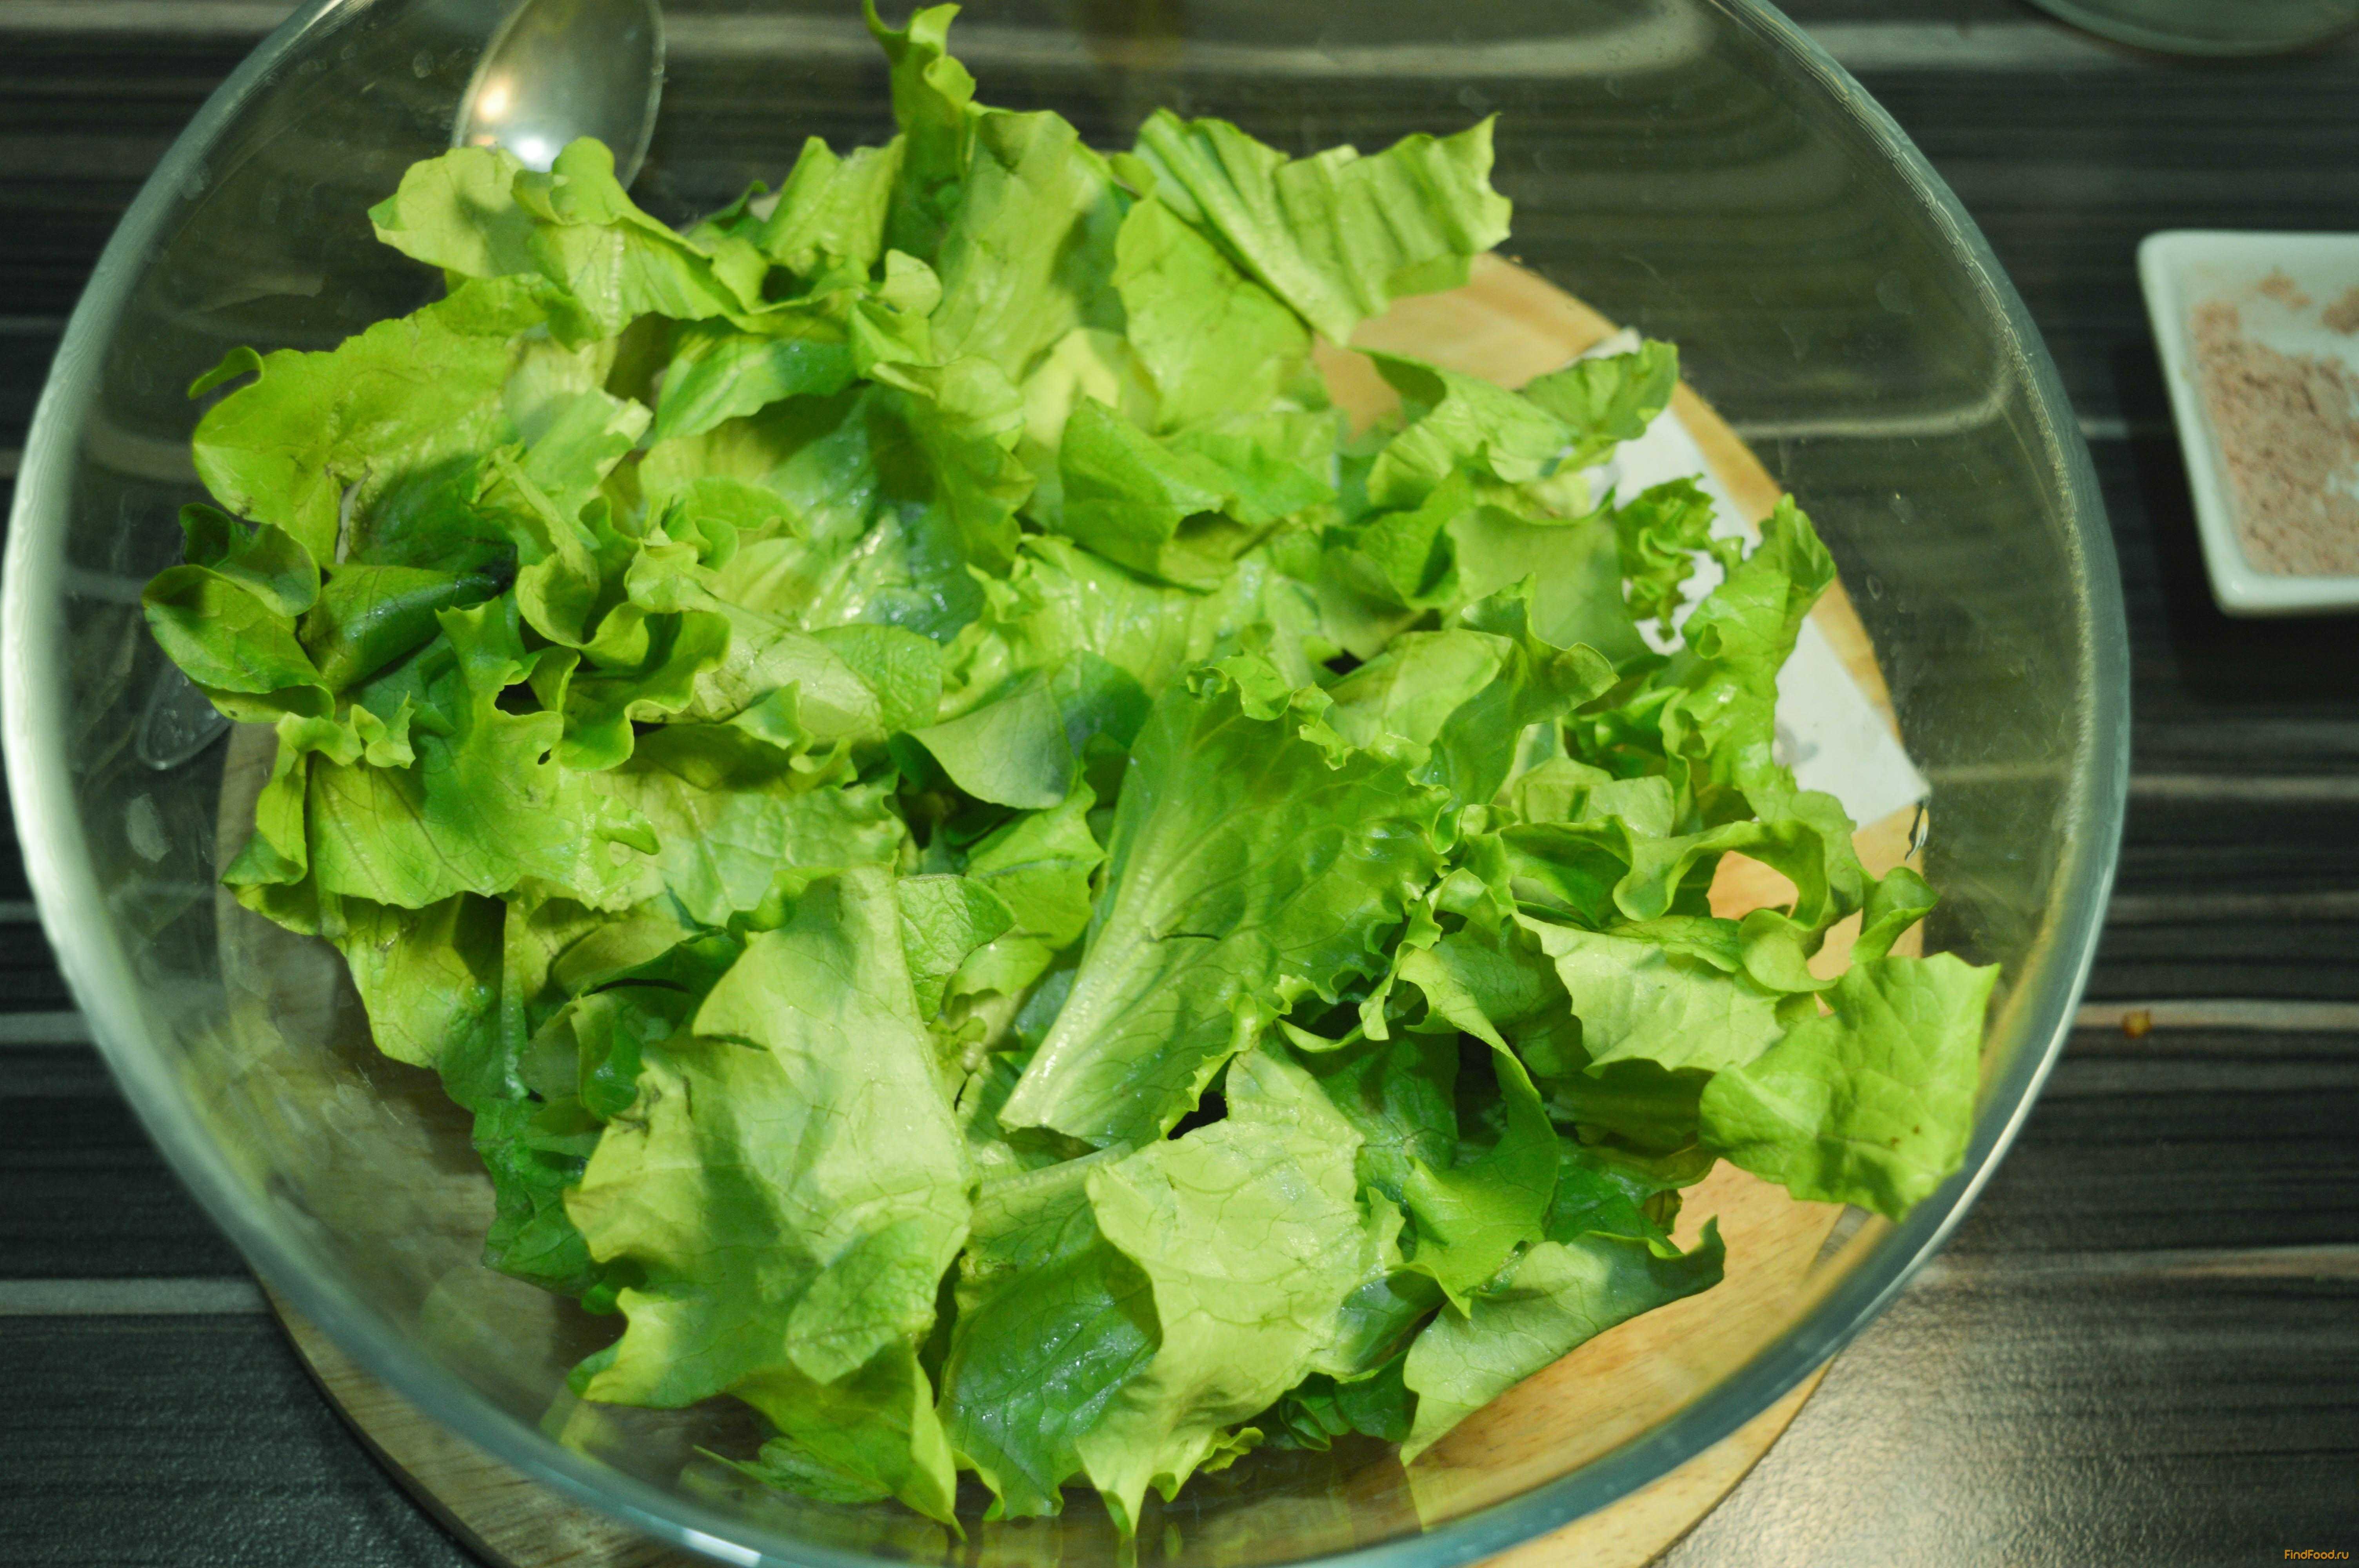 Оцените все тонкости приготовления рецепта Салат с крекерами Рыбки-  похожие салаты, состав, комментарии, пошаговые фото, порядок приготовления, советы